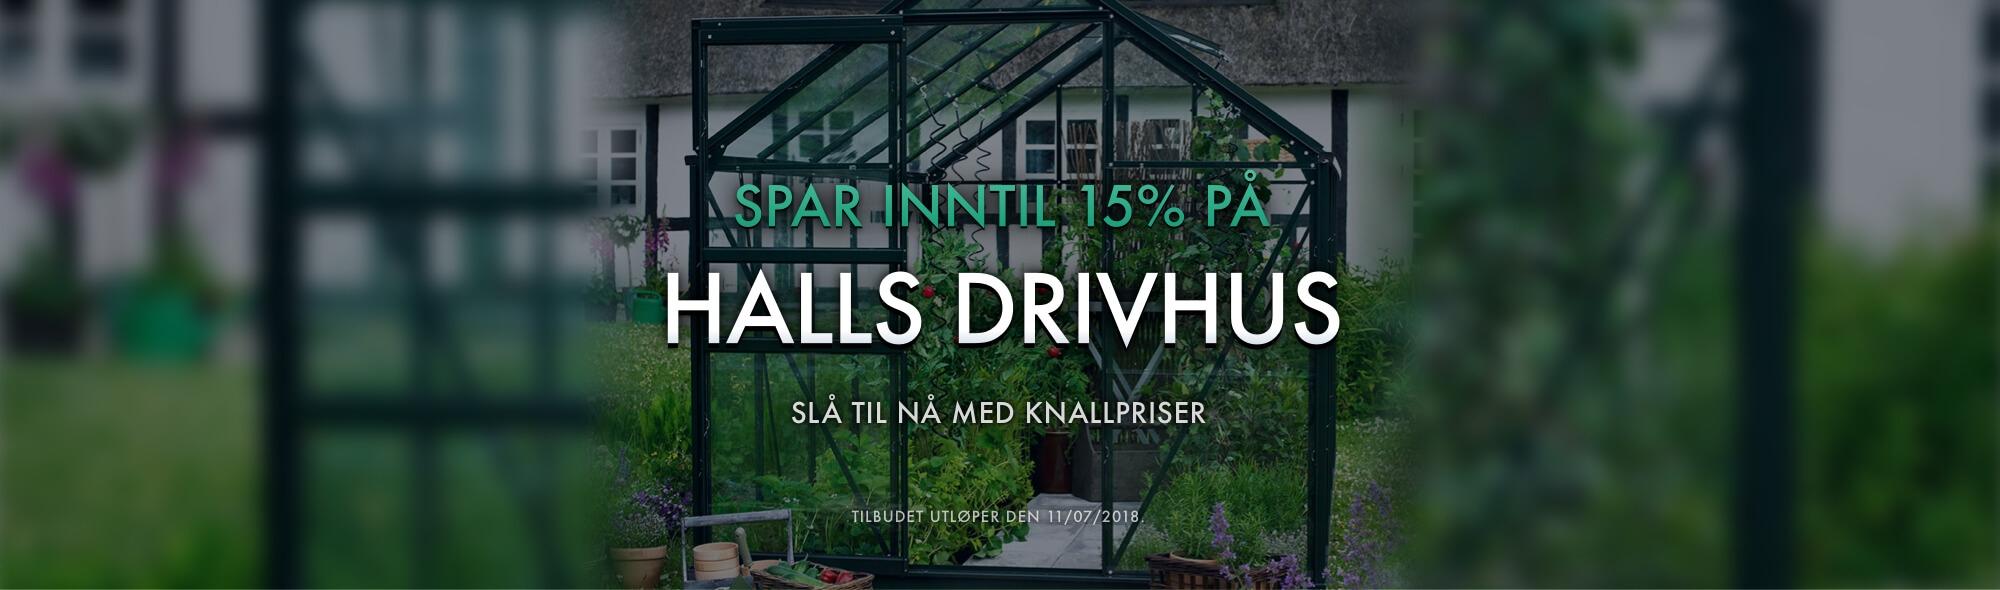 Popular Drivhus